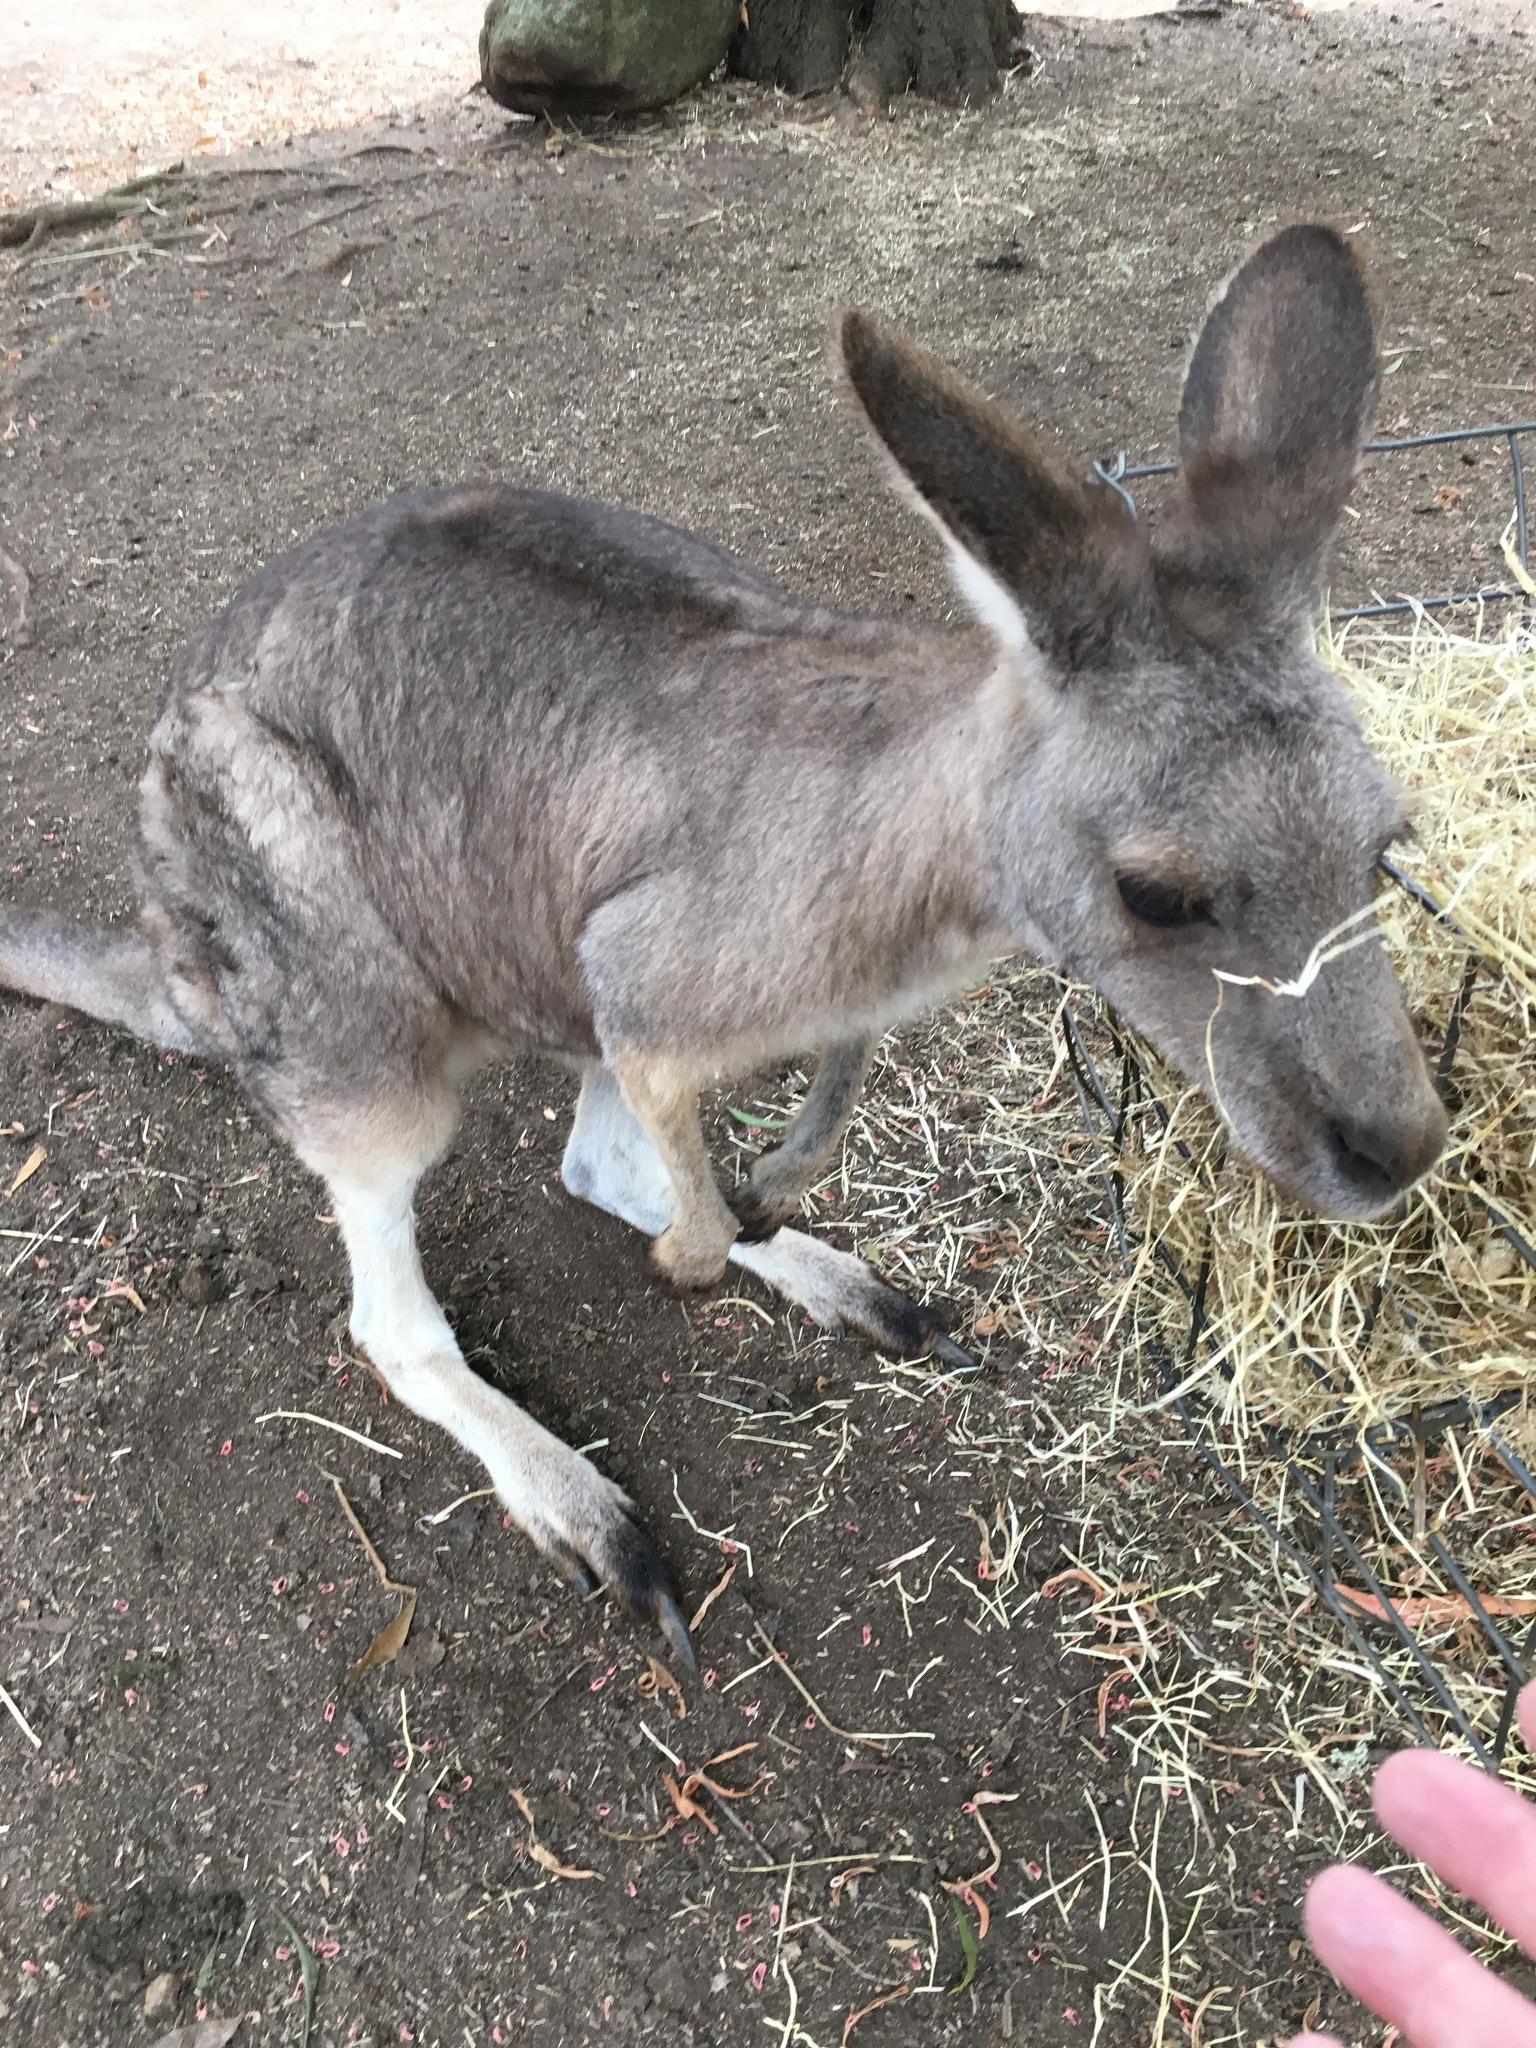 Kangaroo by ronmac777